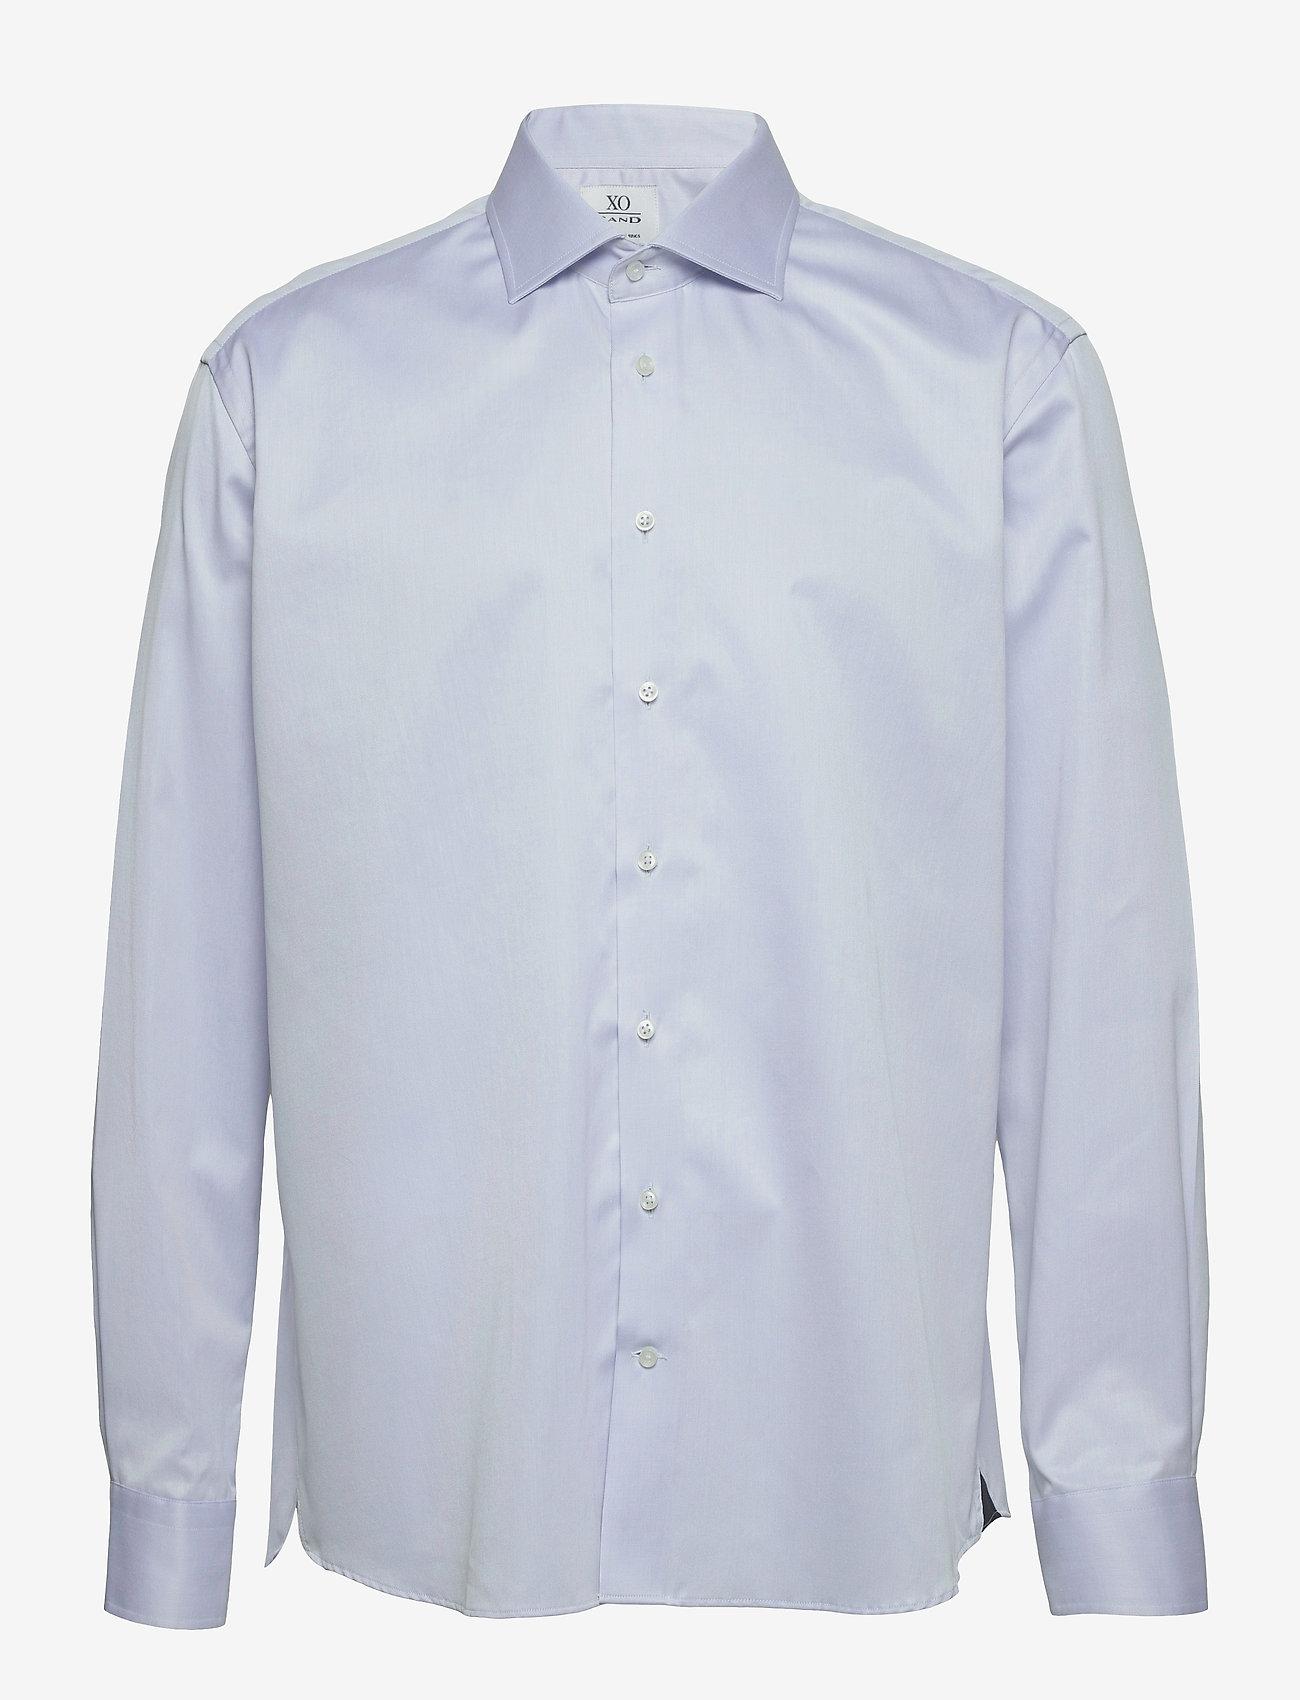 XO Shirtmaker by Sand Copenhagen - 8085 - Jake FC - basic skjortor - blue - 0